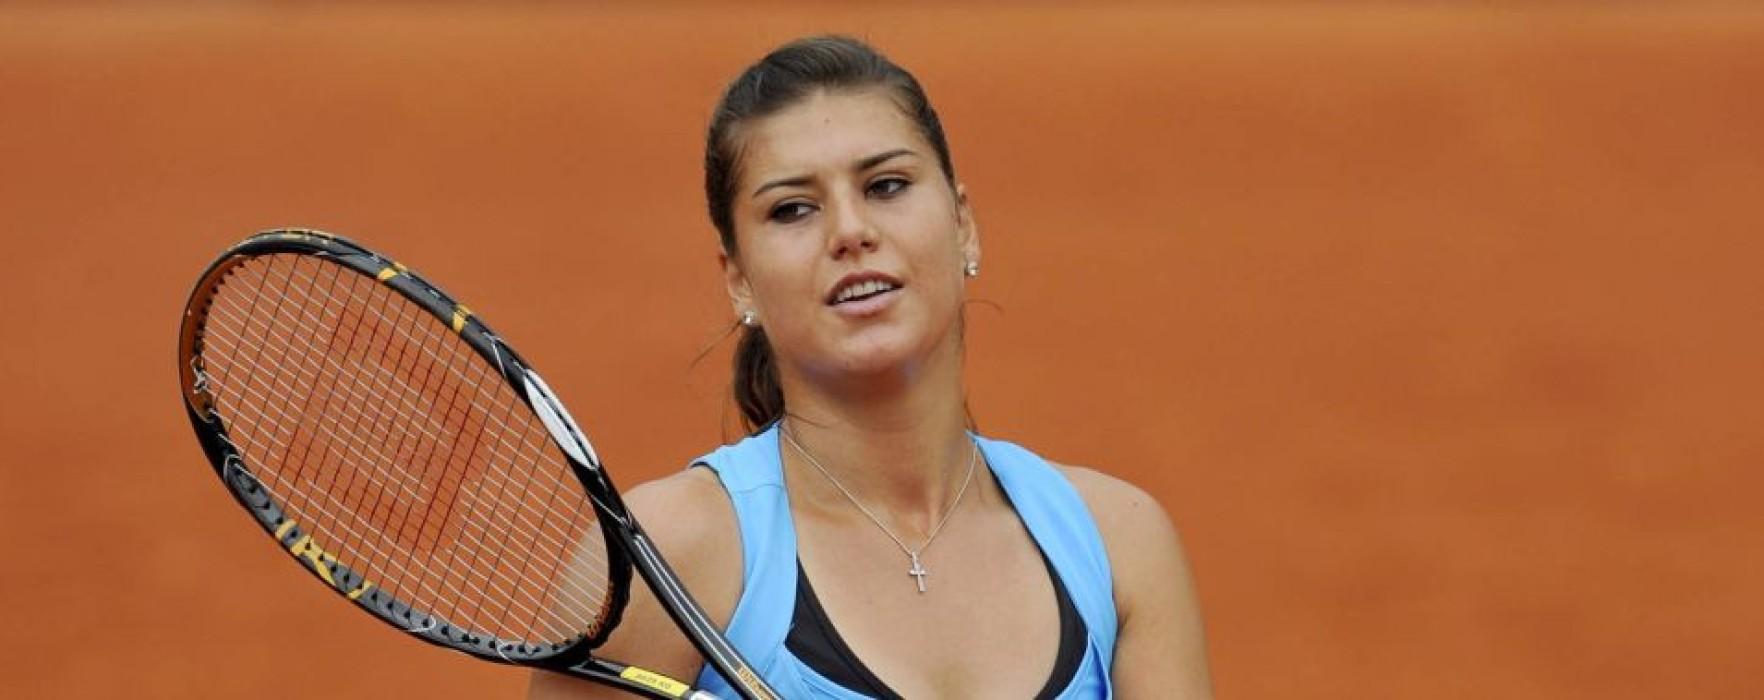 Tenis: Sorana Cîrstea, calificată în turul 3 la Roland Garros